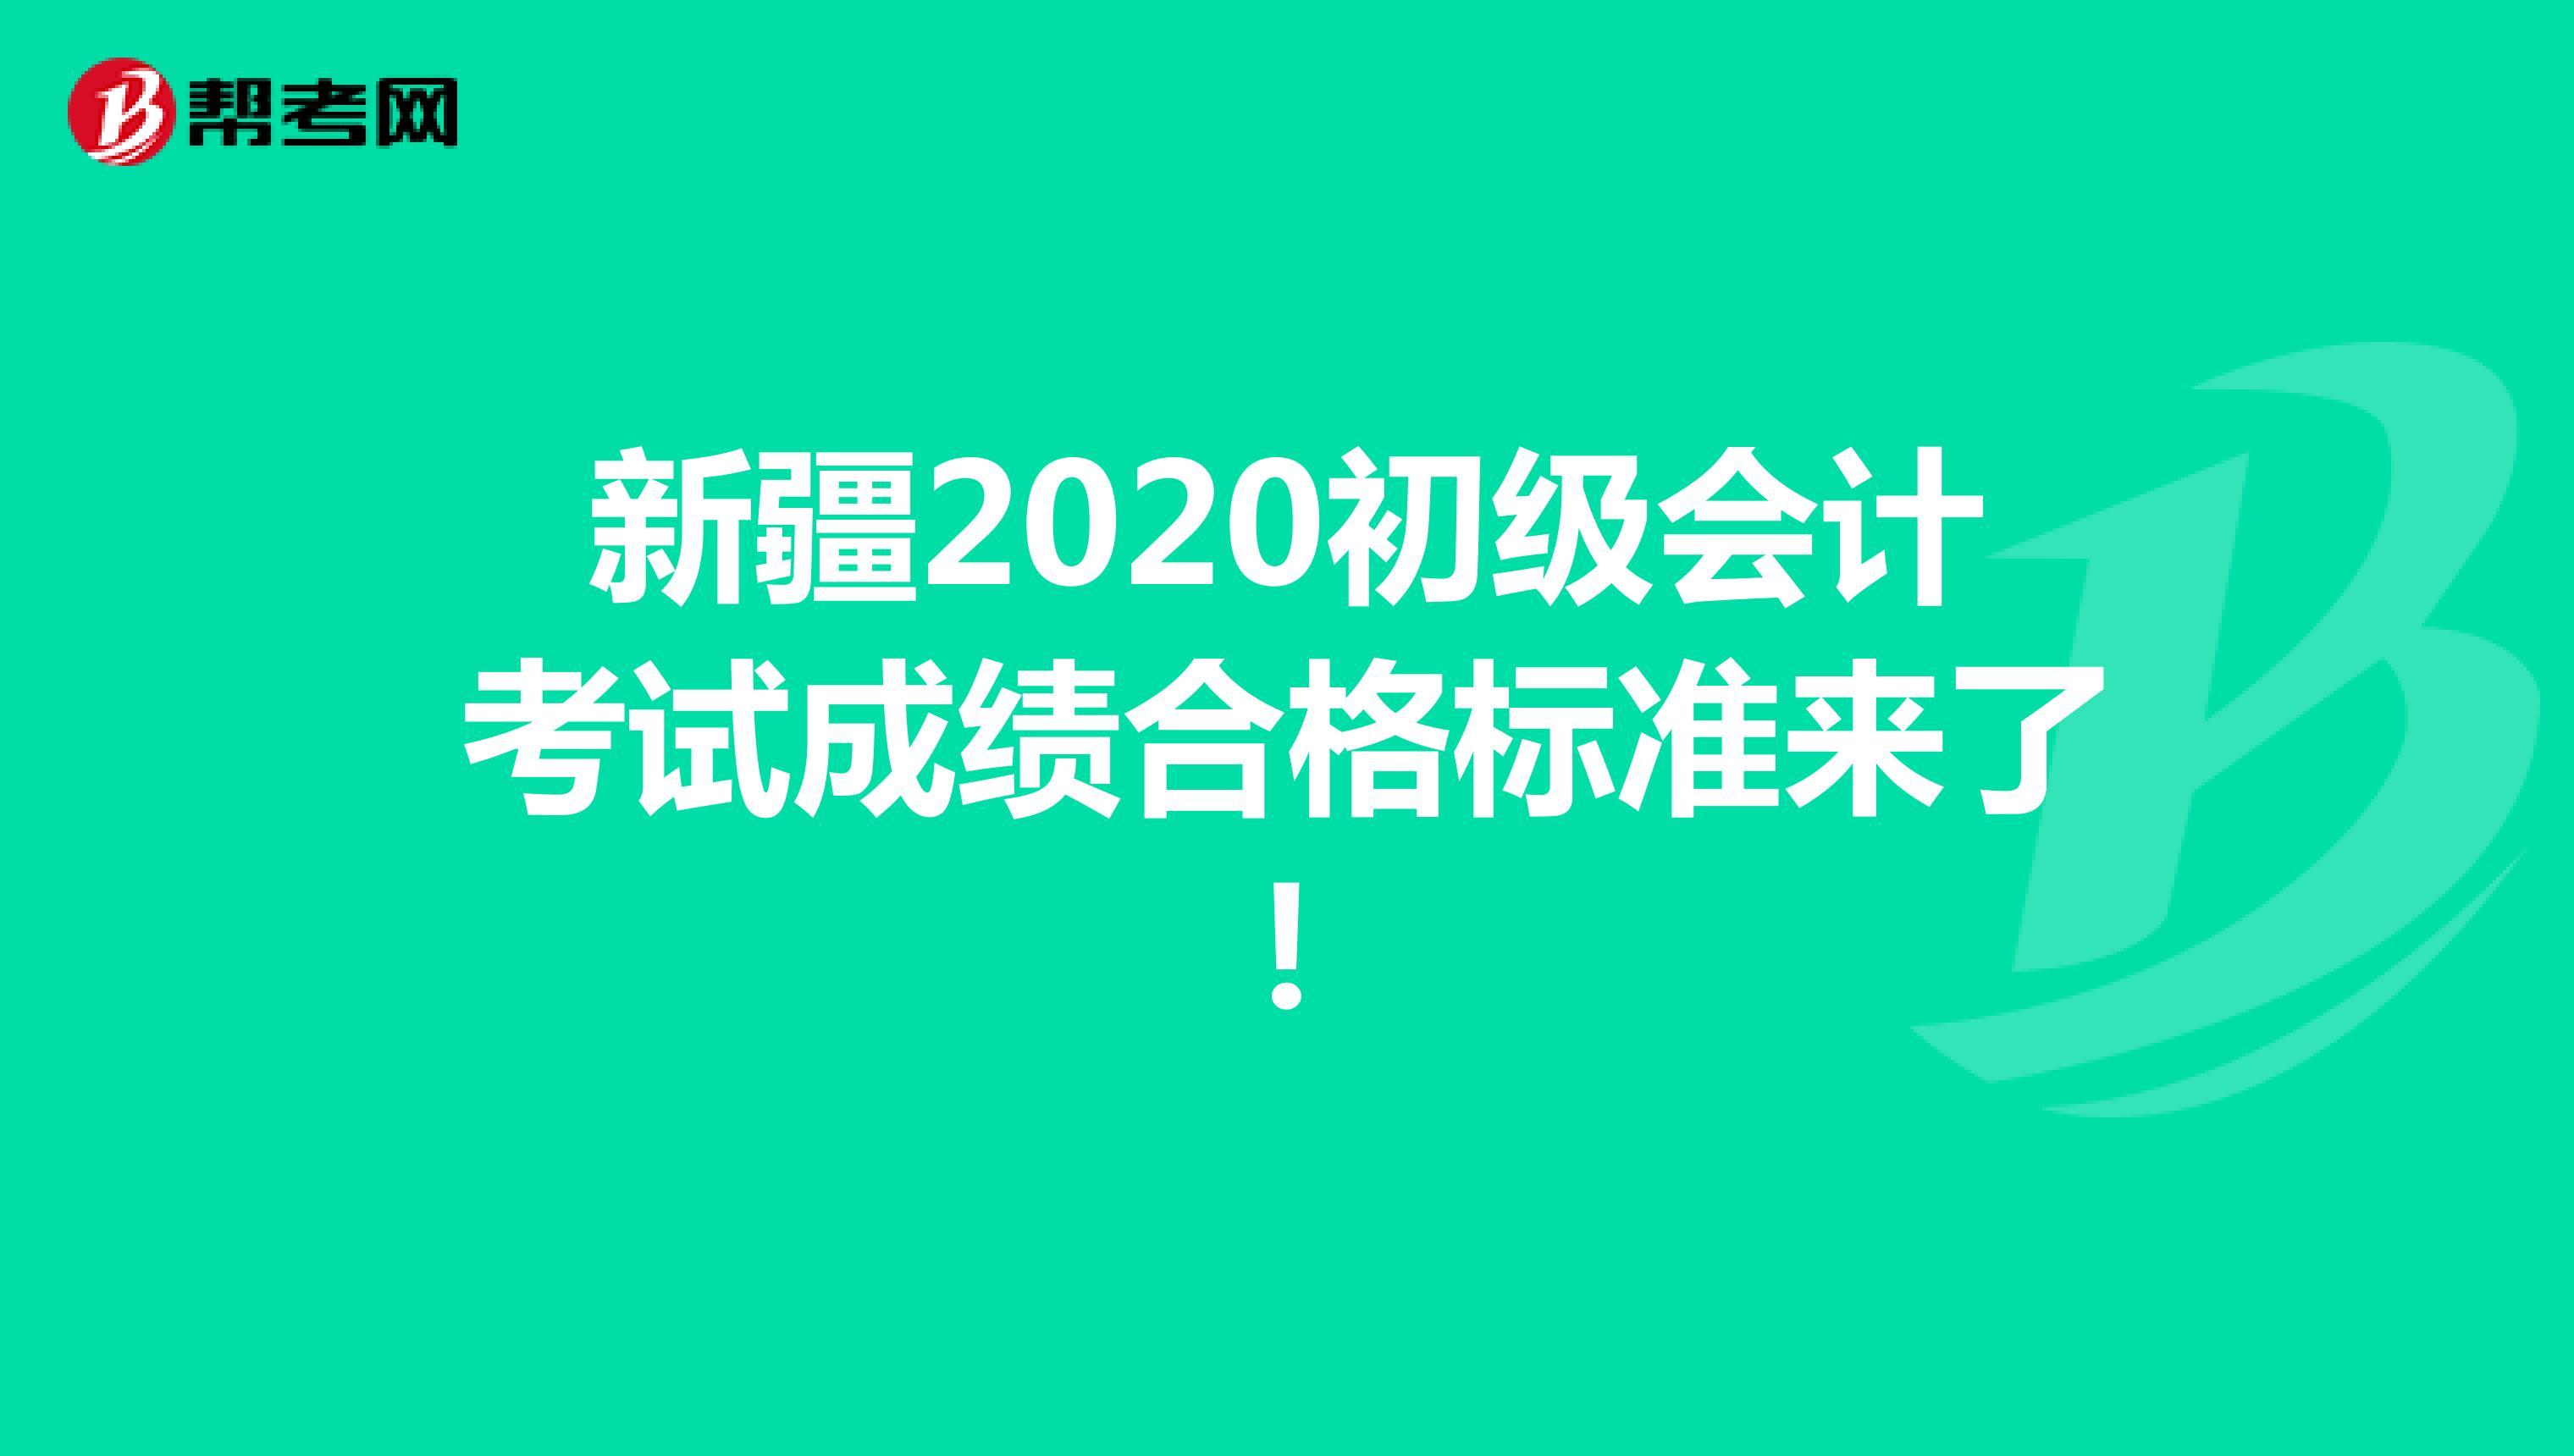 新疆2020初级会计考试成绩合格标准来了!